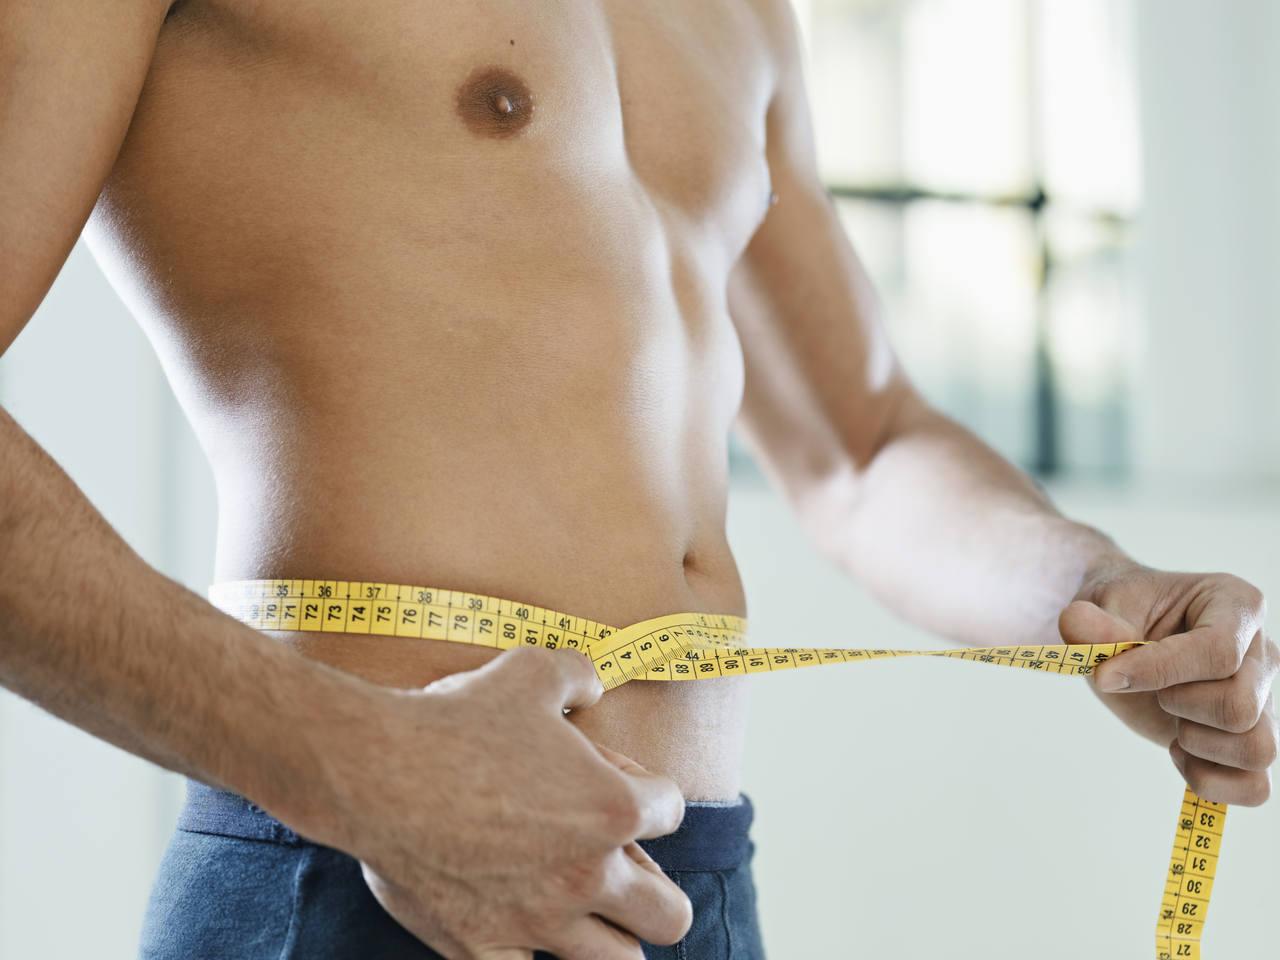 Quer um corpo definido? Veja 5 esportes que podem ajudar!